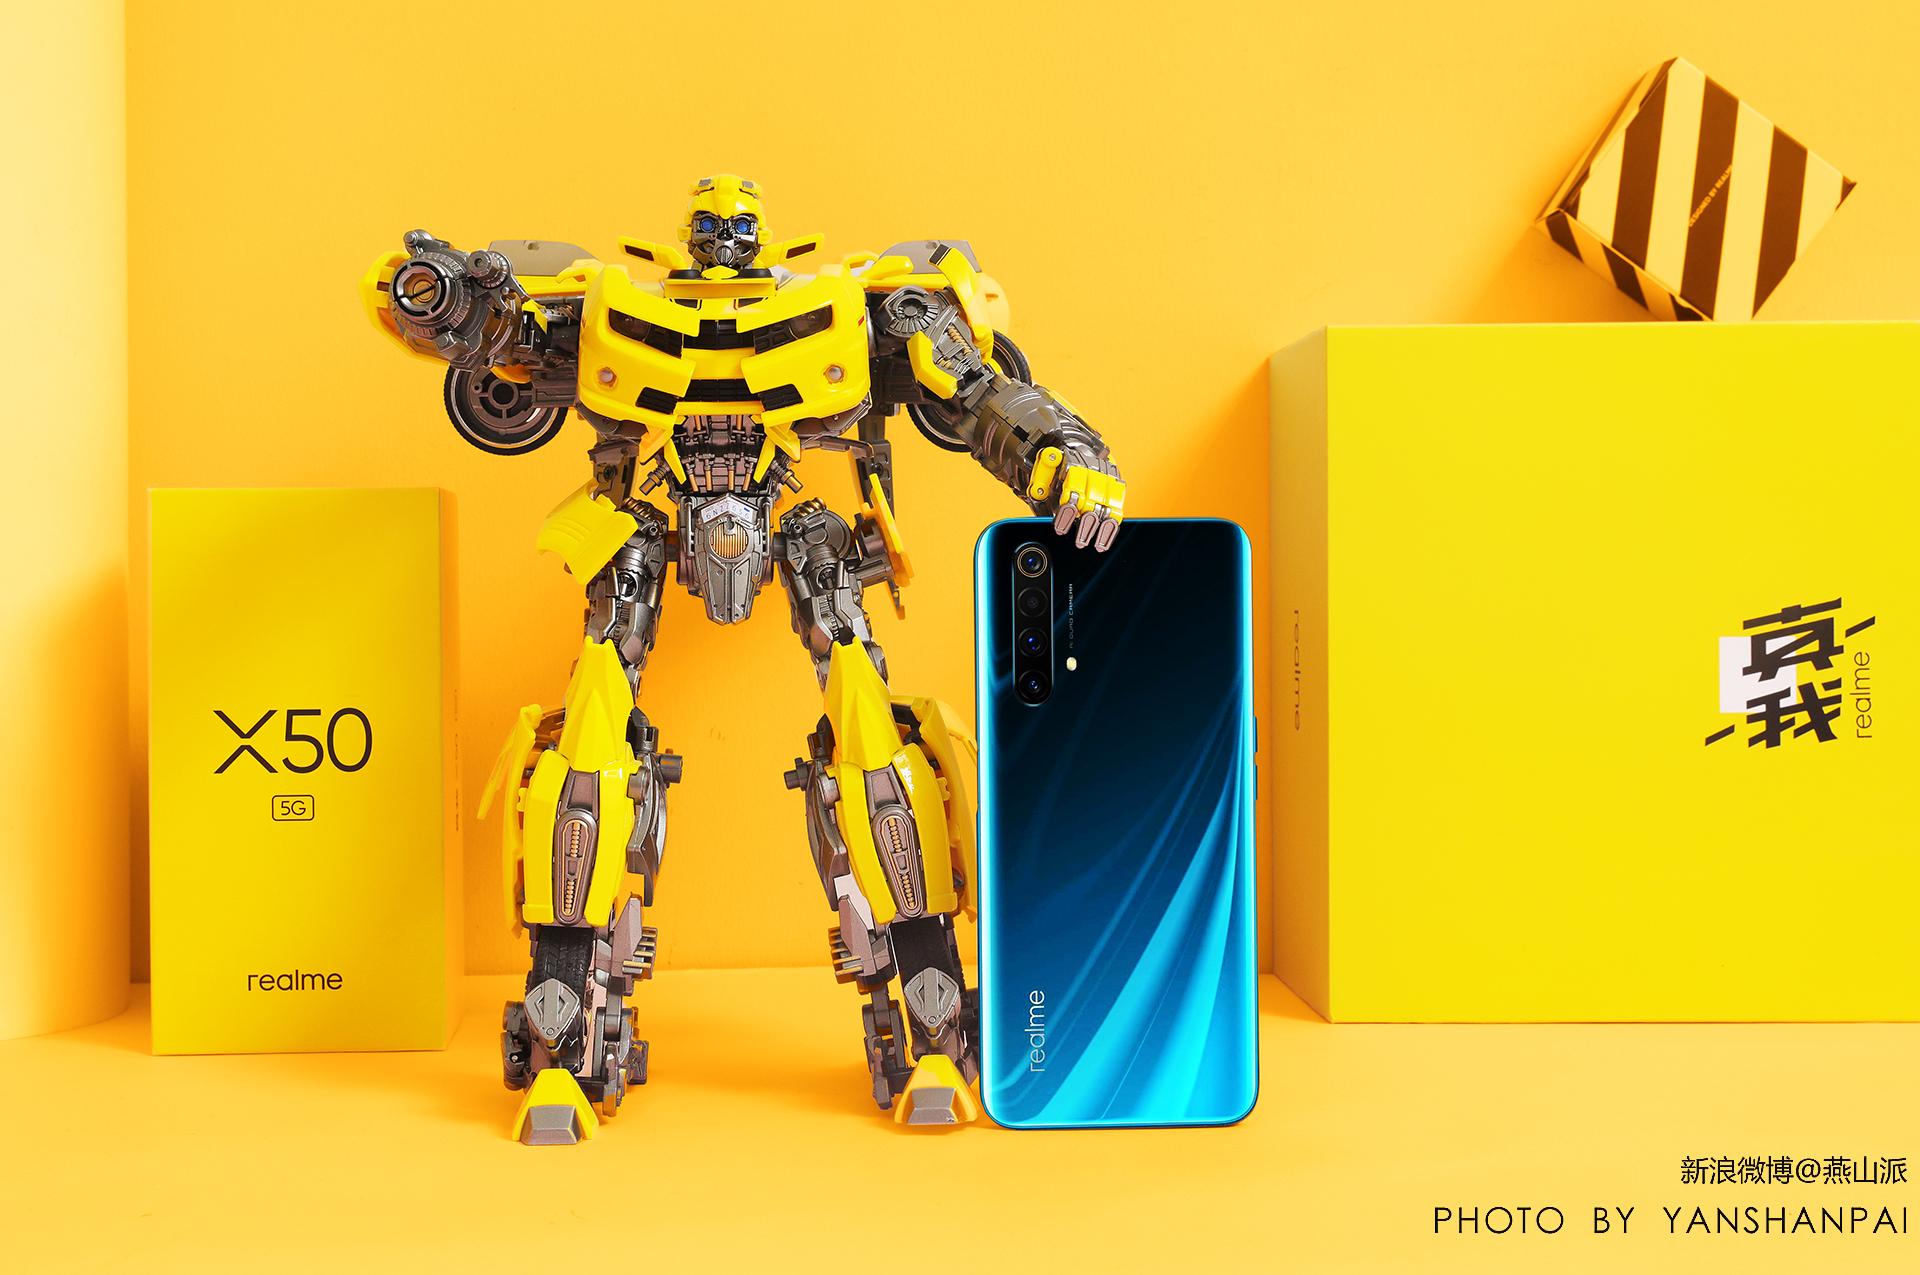 或许这才是更多人想要的5G手机,聊聊realme真我X50的那些事儿